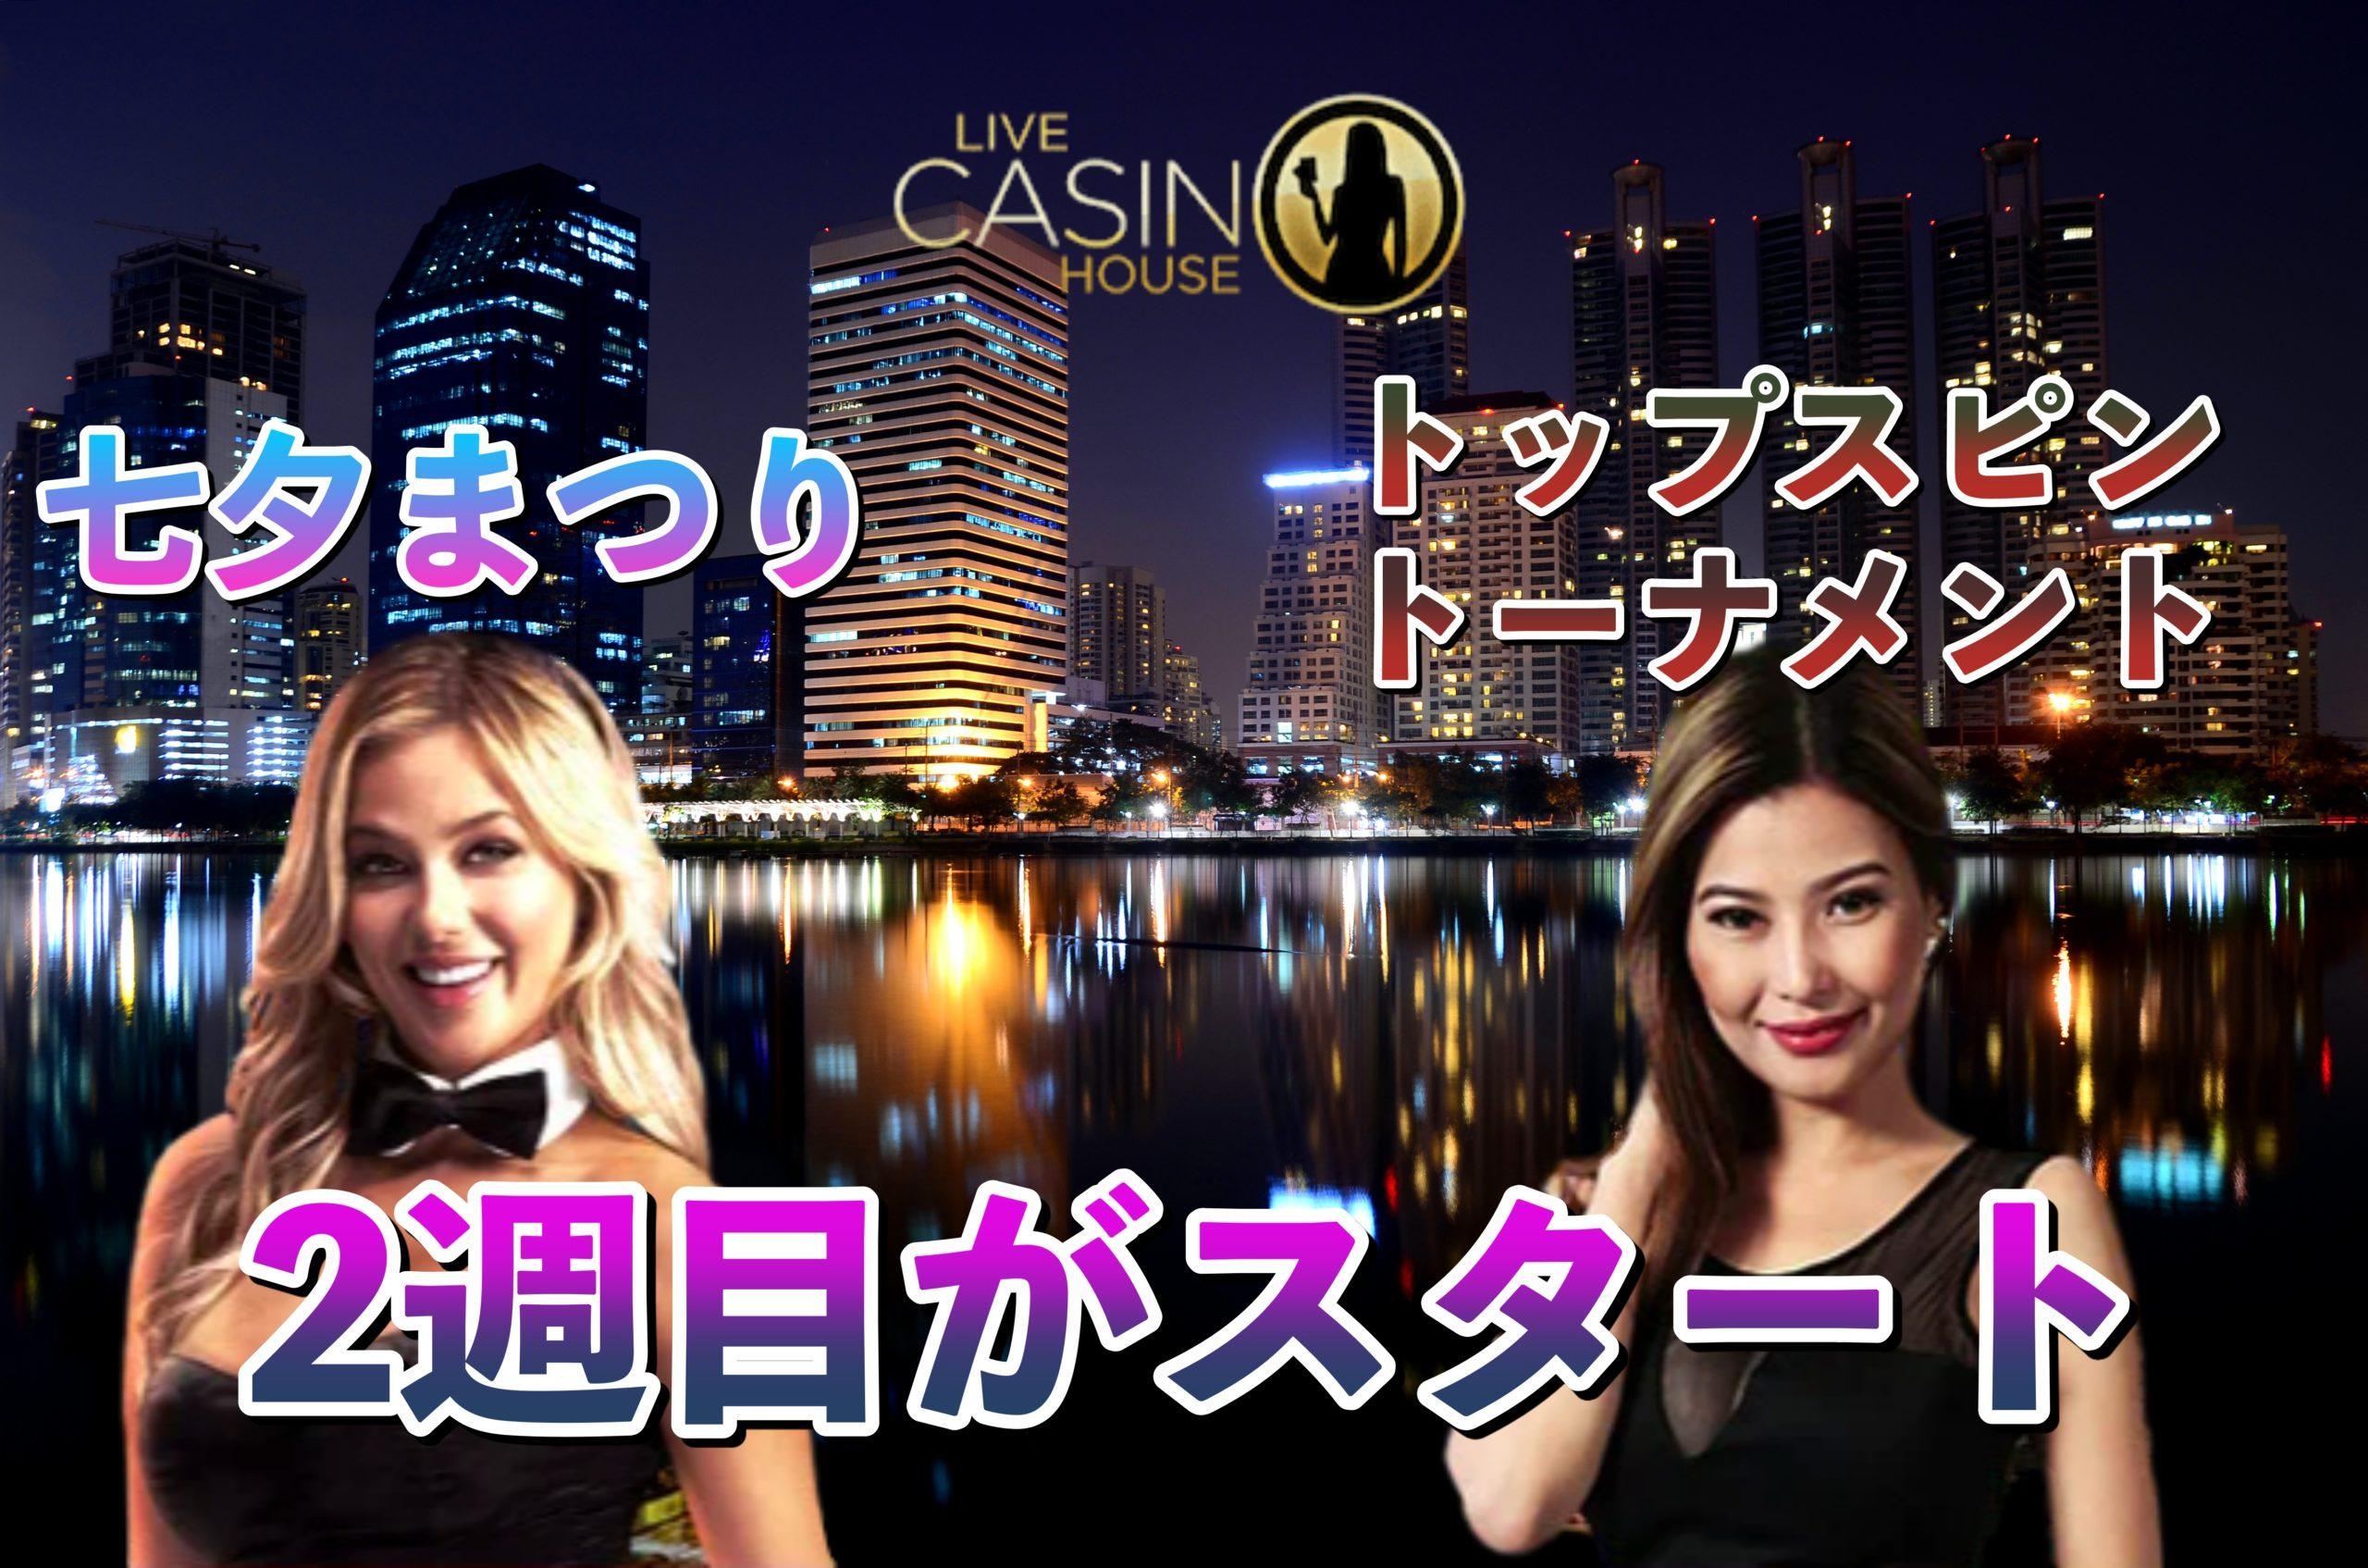 【ライブカジノハウス】「七夕まつり」、「トップスピントーナメント」の2週目がスタート!